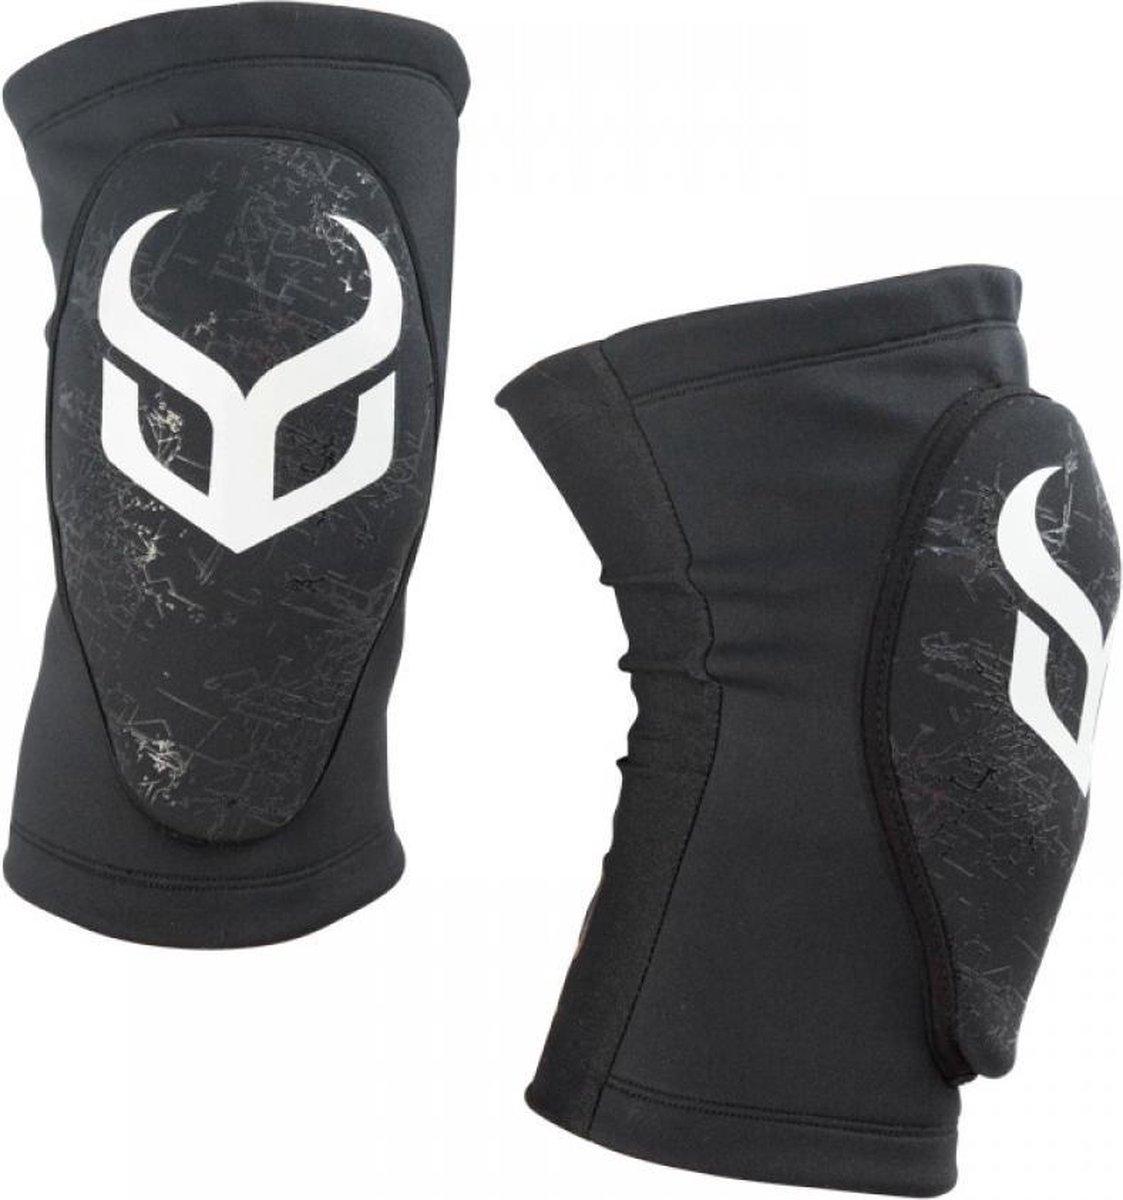 Demon Knee Soft Cap X D3O kniebeschermer